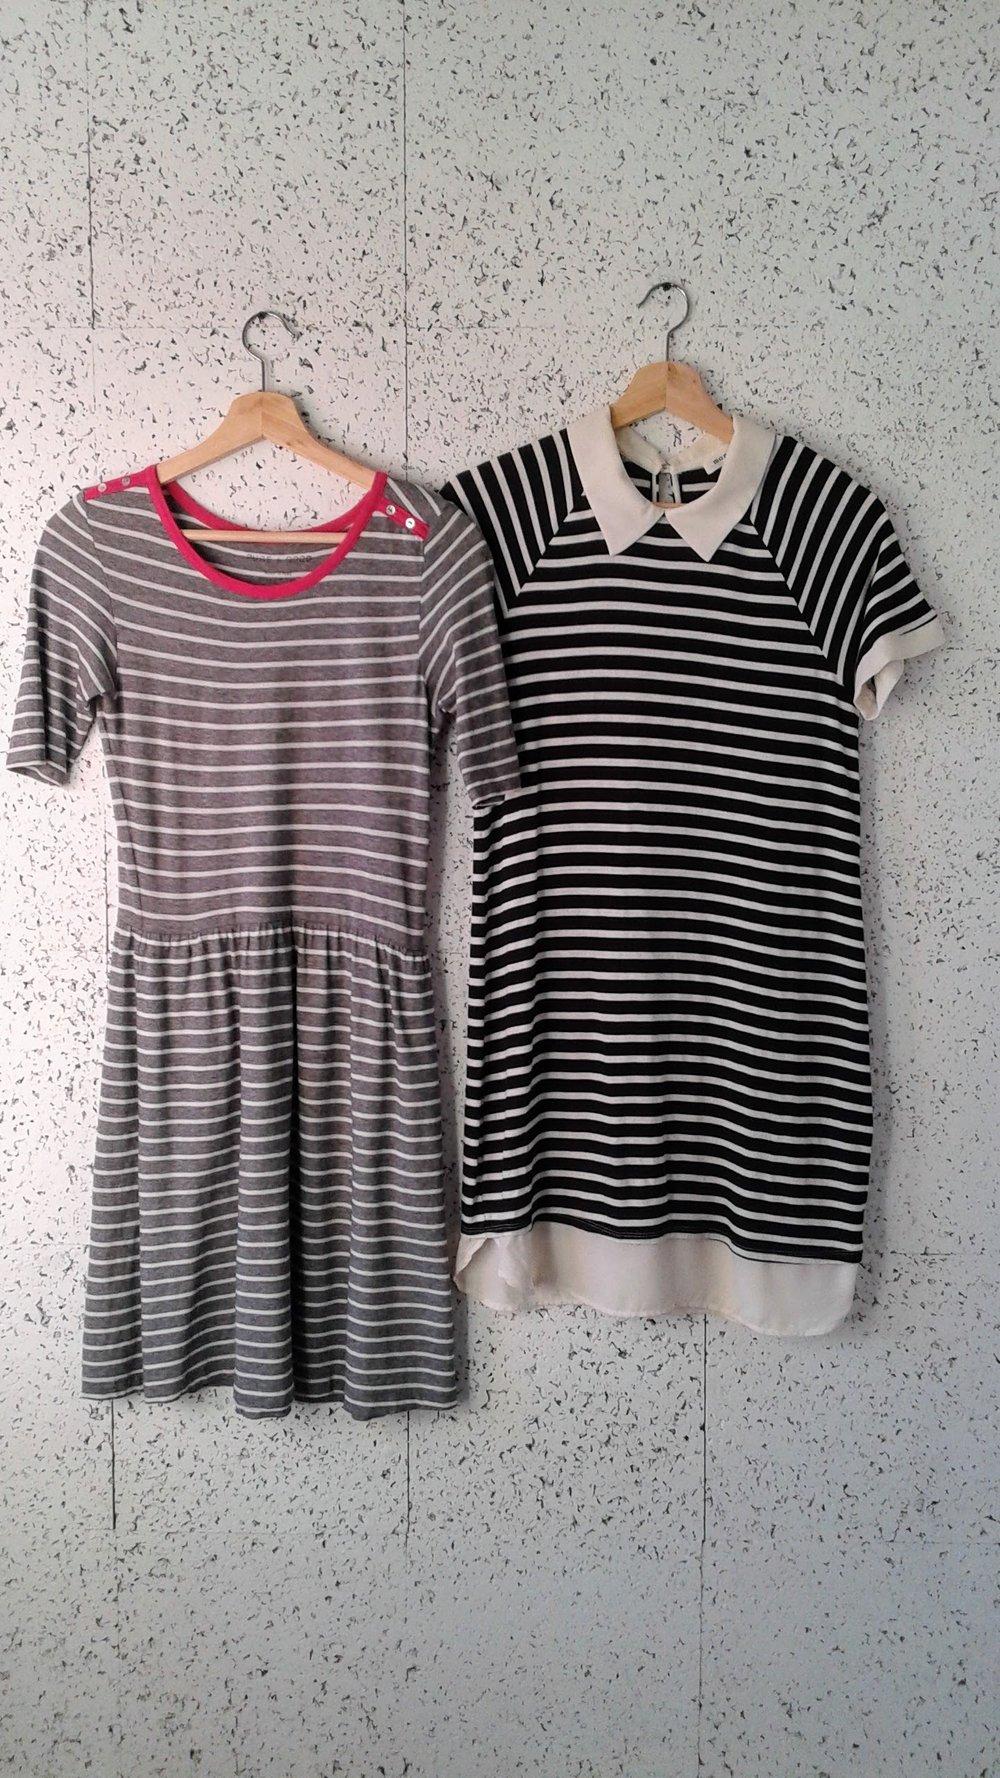 Pure+Good dress; Size S, $26. Monteau dress; Size M/L, $28